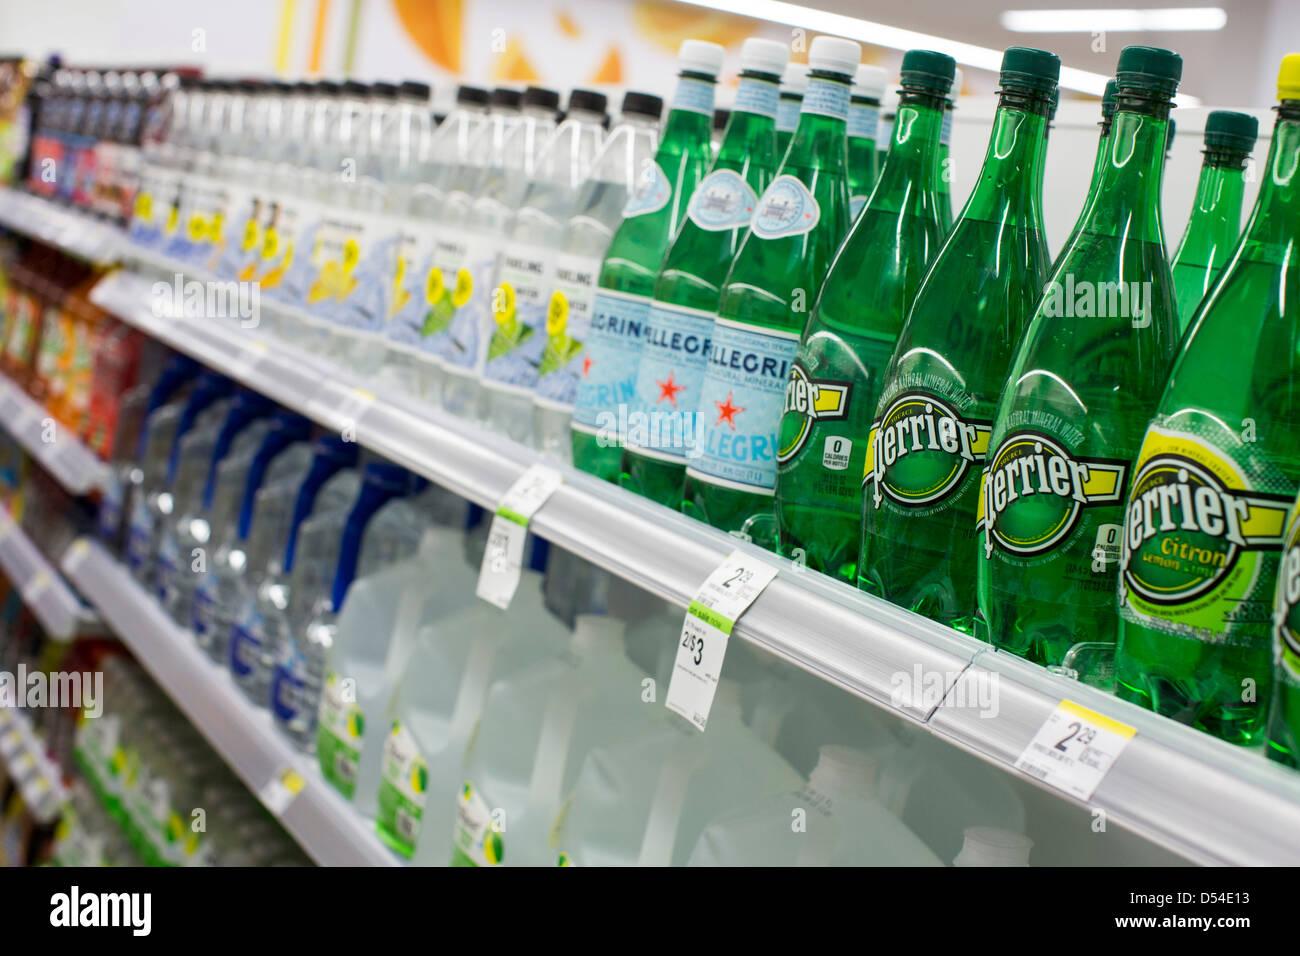 Perrier e San Pellegrino acqua imbottigliata sul visualizzatore in corrispondenza di un Walgreens flagship store. Immagini Stock